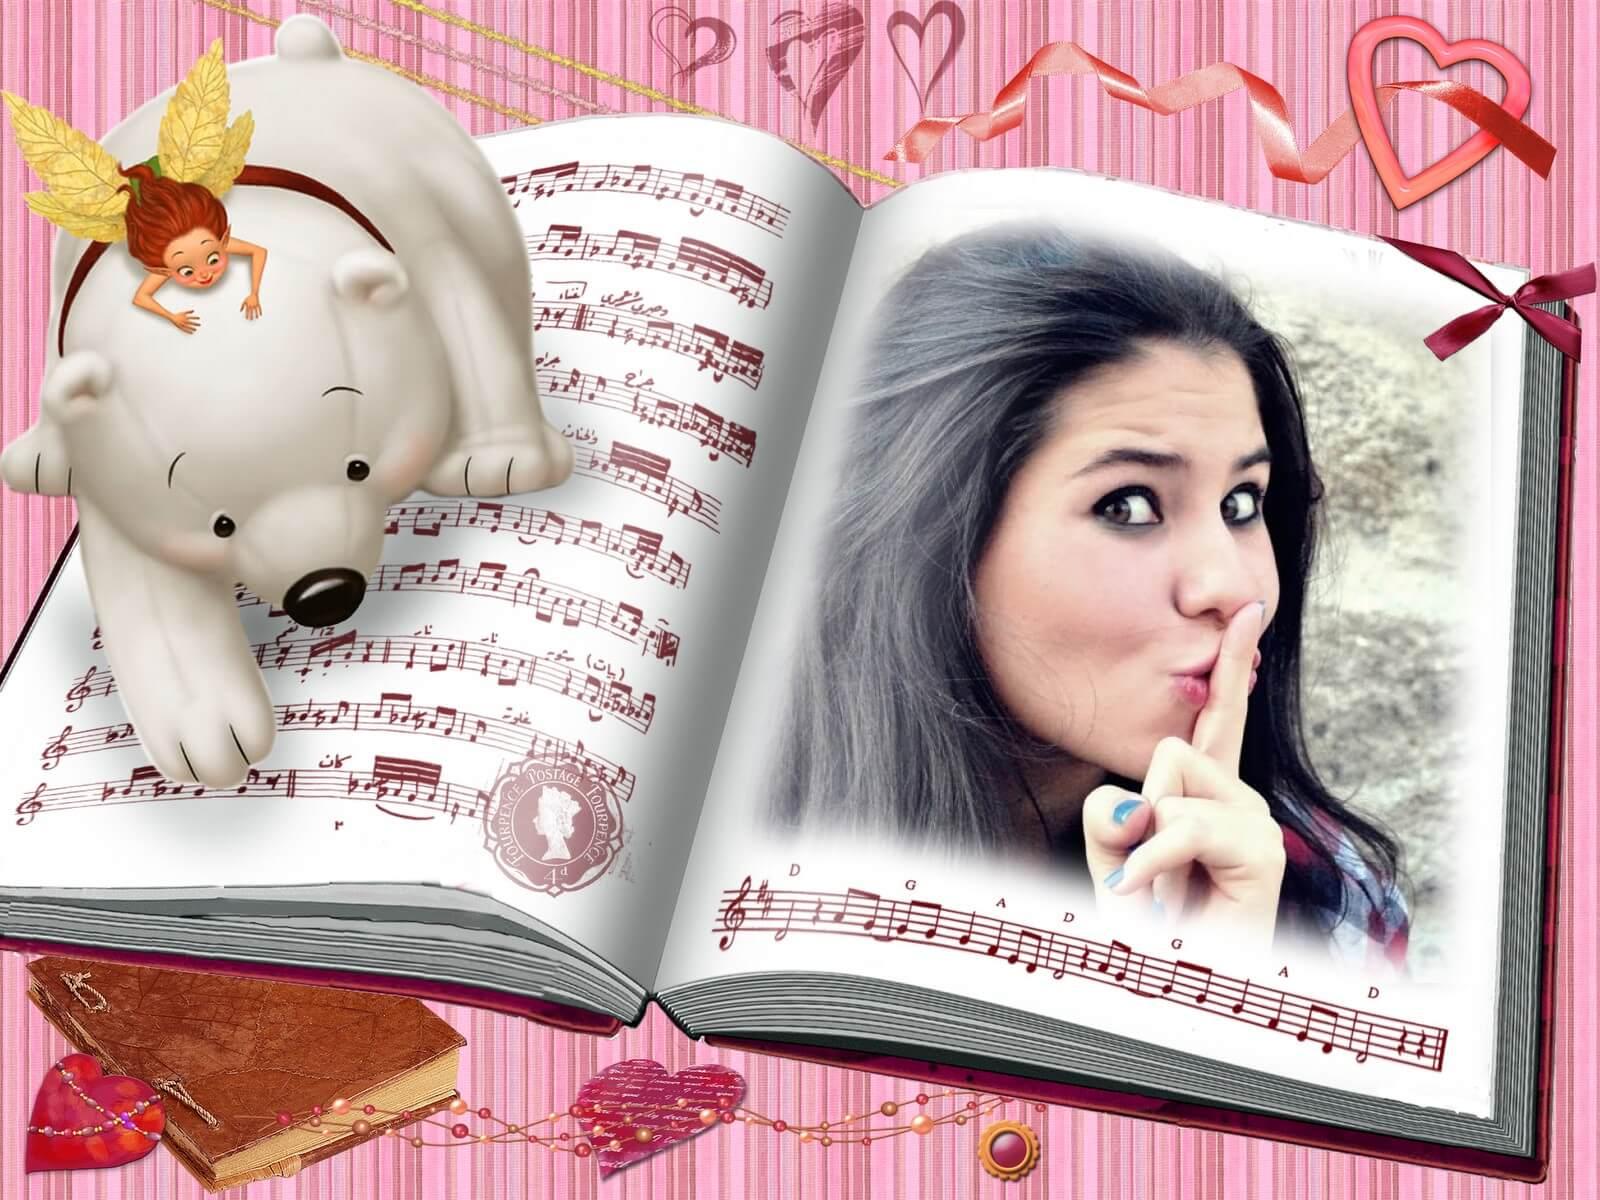 fada-ursinho-e-livro-moldura-rosa